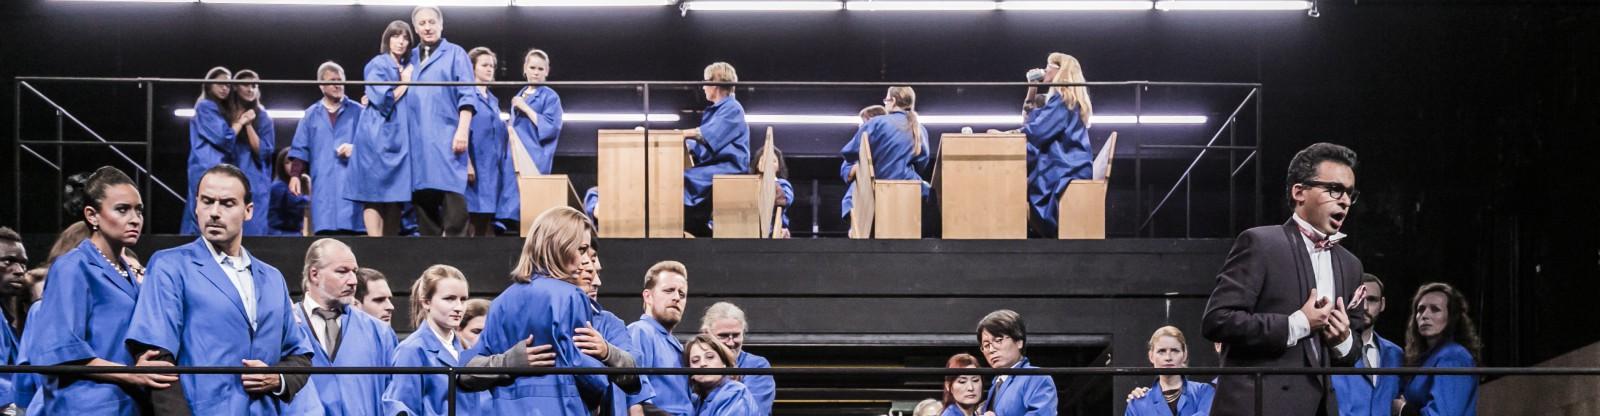 Buergertheater